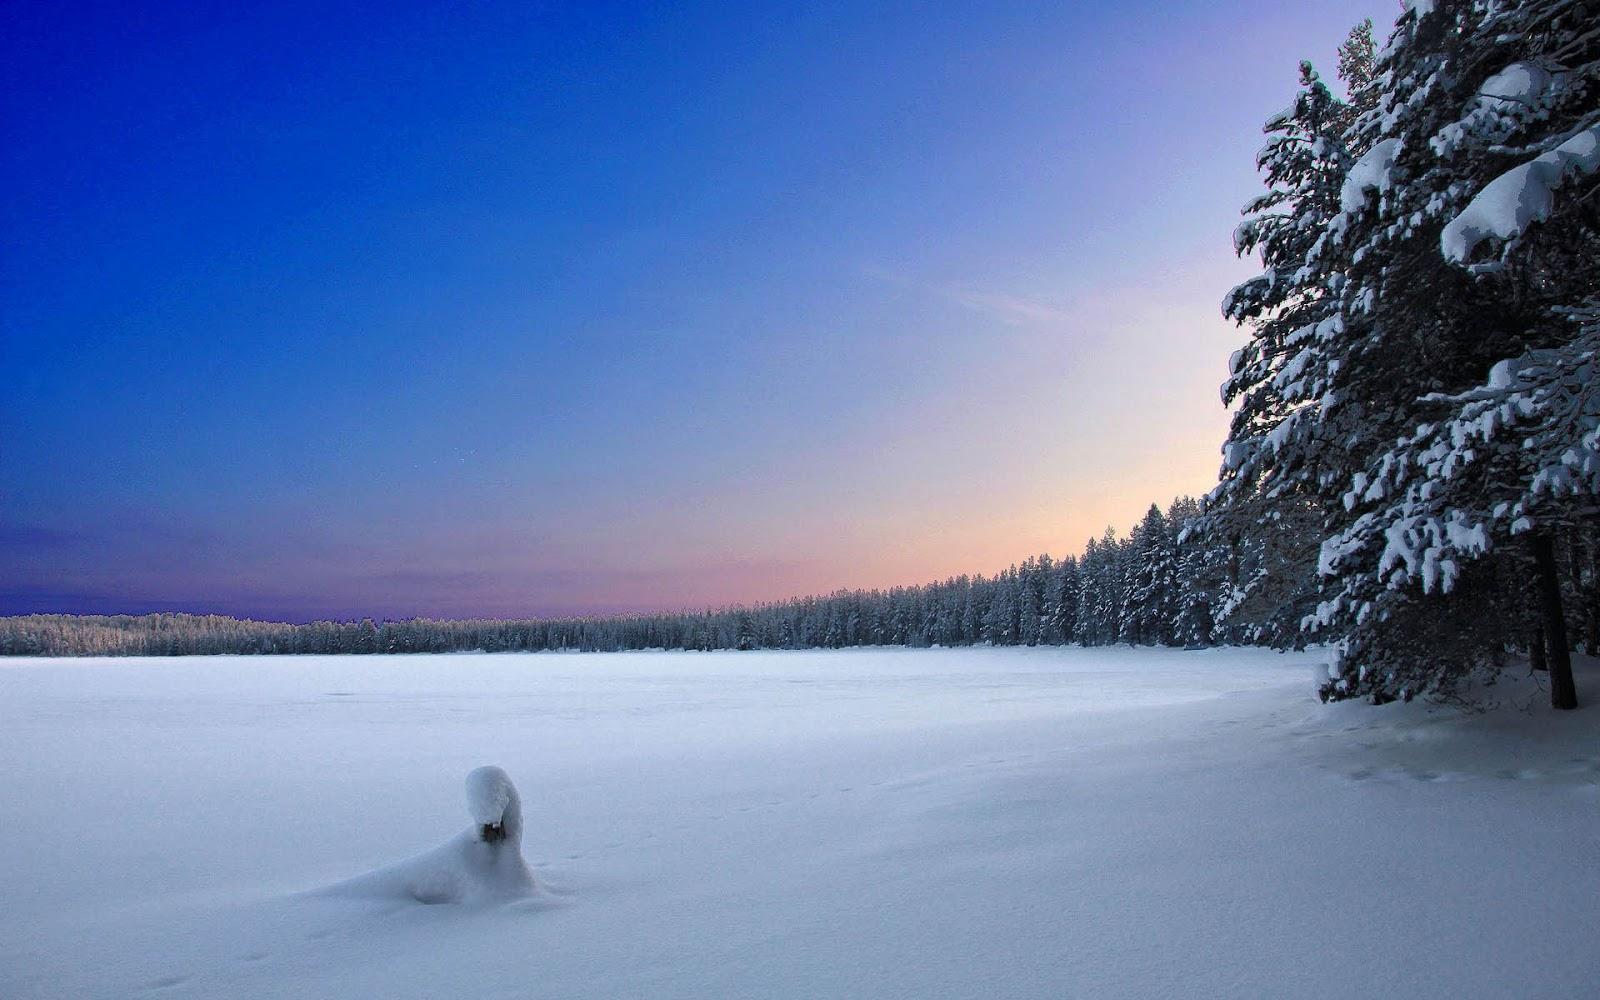 Hintergrundbilder Winterlandschaften - HD Hintergrundbilder Über 5 000 kostenlose